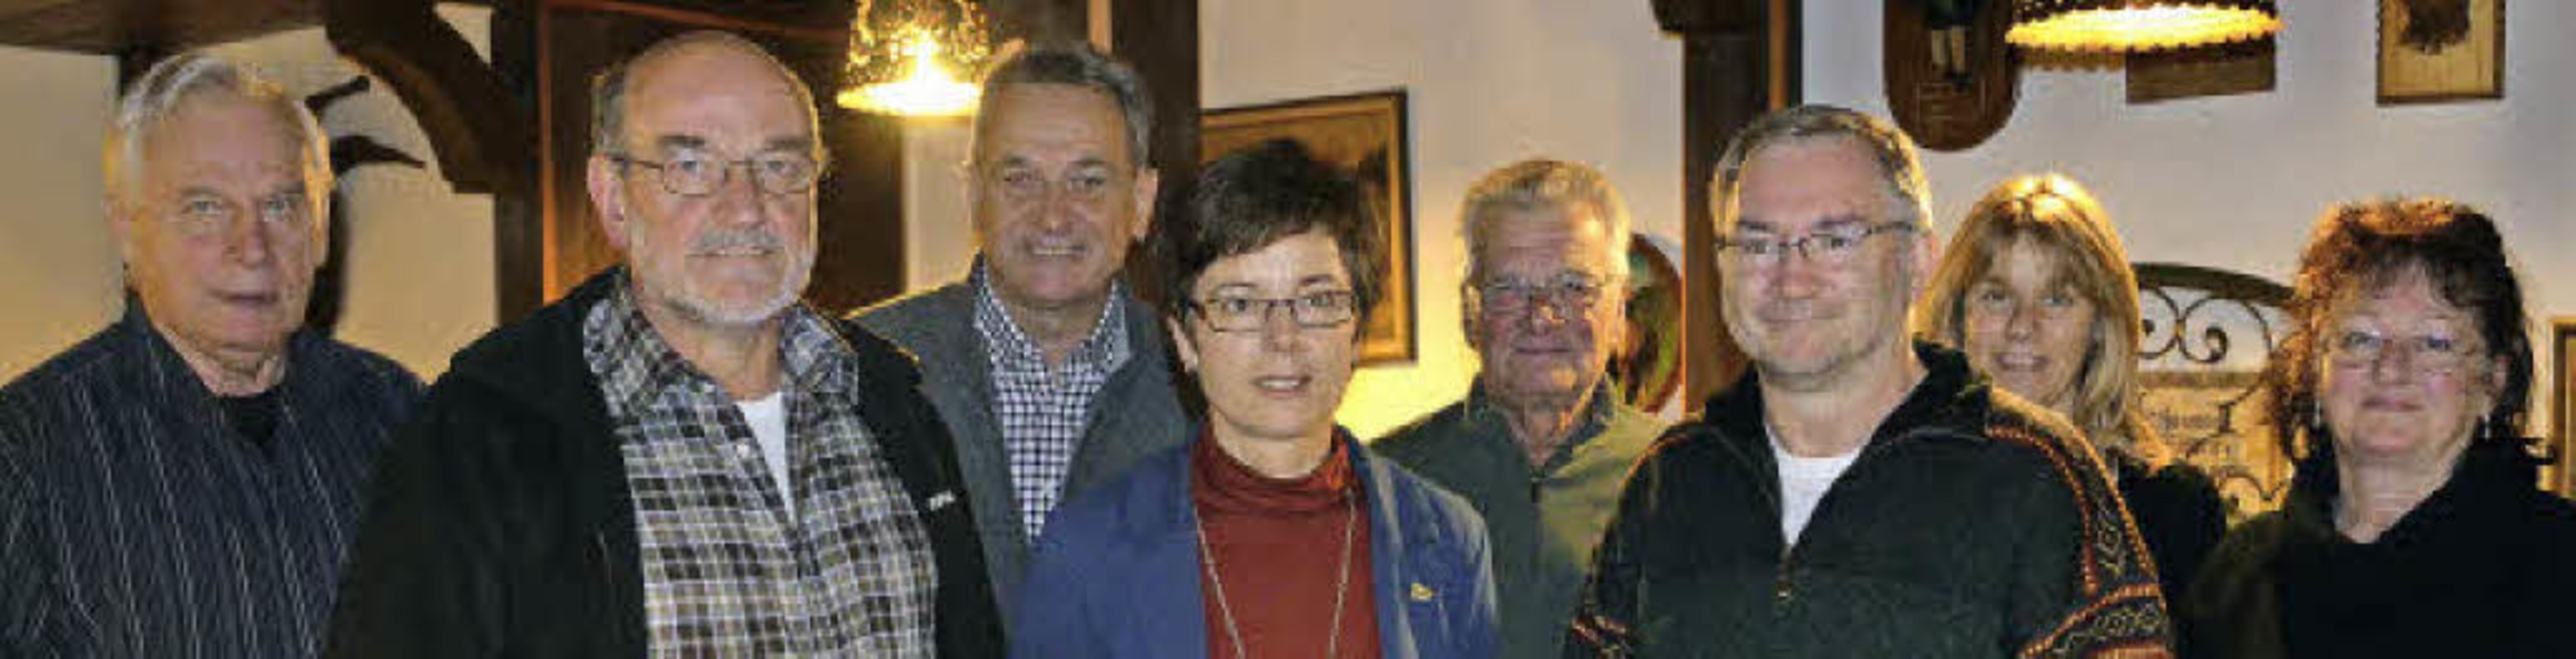 Der gewählte Vorstand der Bürgerinitia...chmann, Sonja Rießle, Monika Schultis   | Foto: Nikolaus Bayer